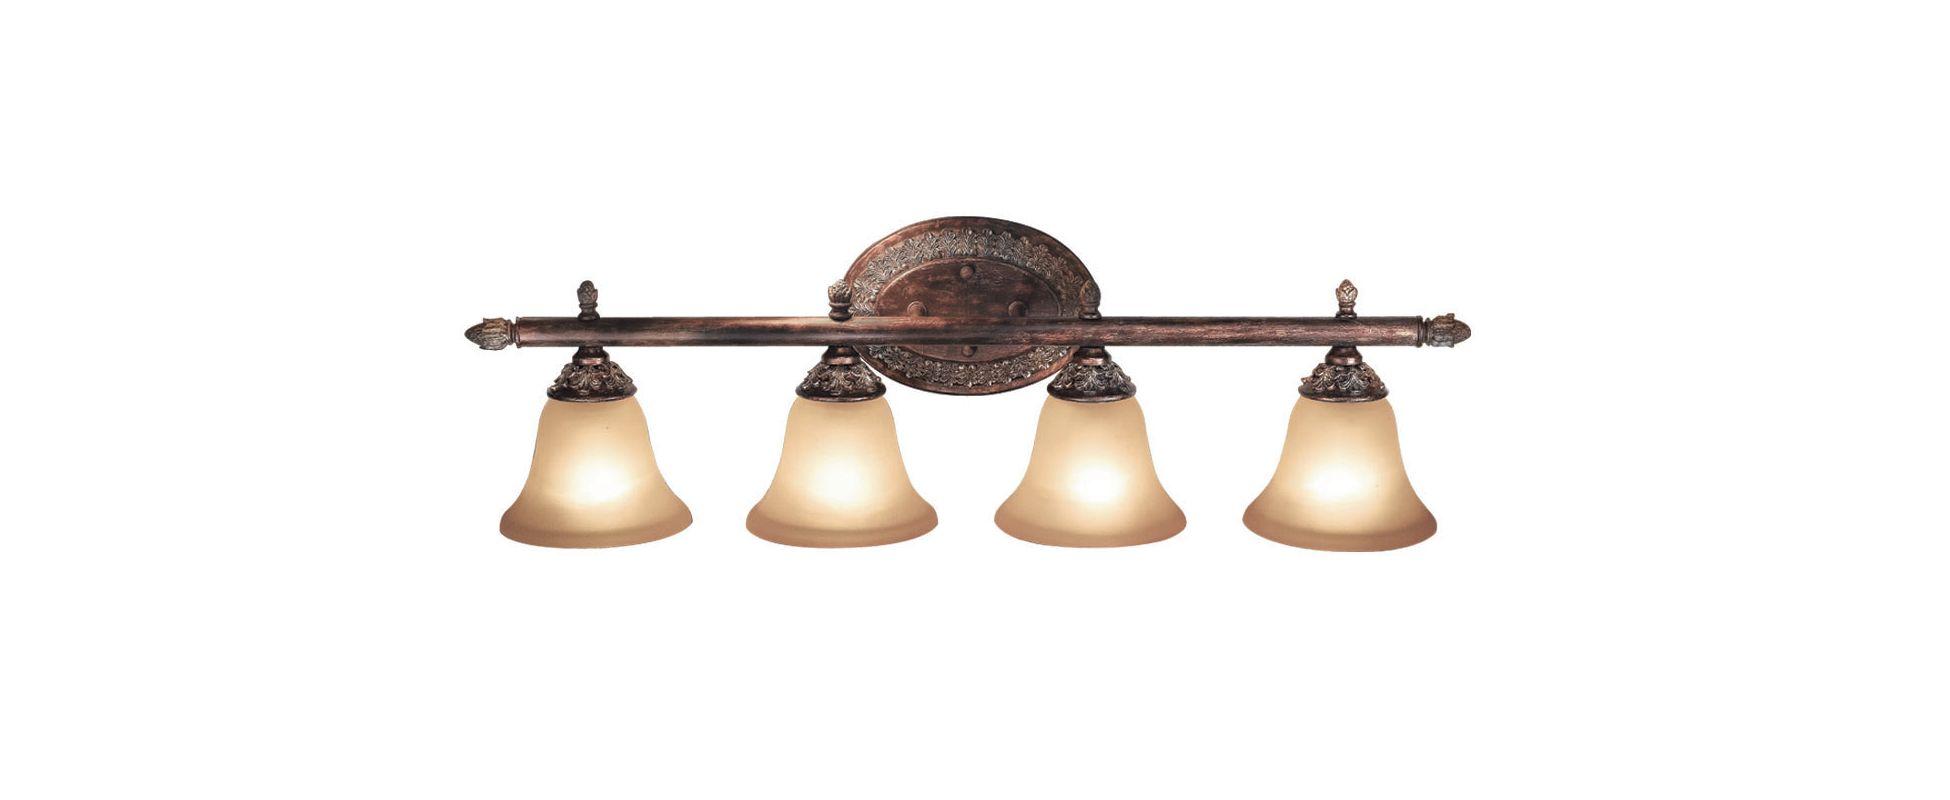 Woodbridge Lighting 53023-BRK 4 Light Down Light Bathroom Fixture from